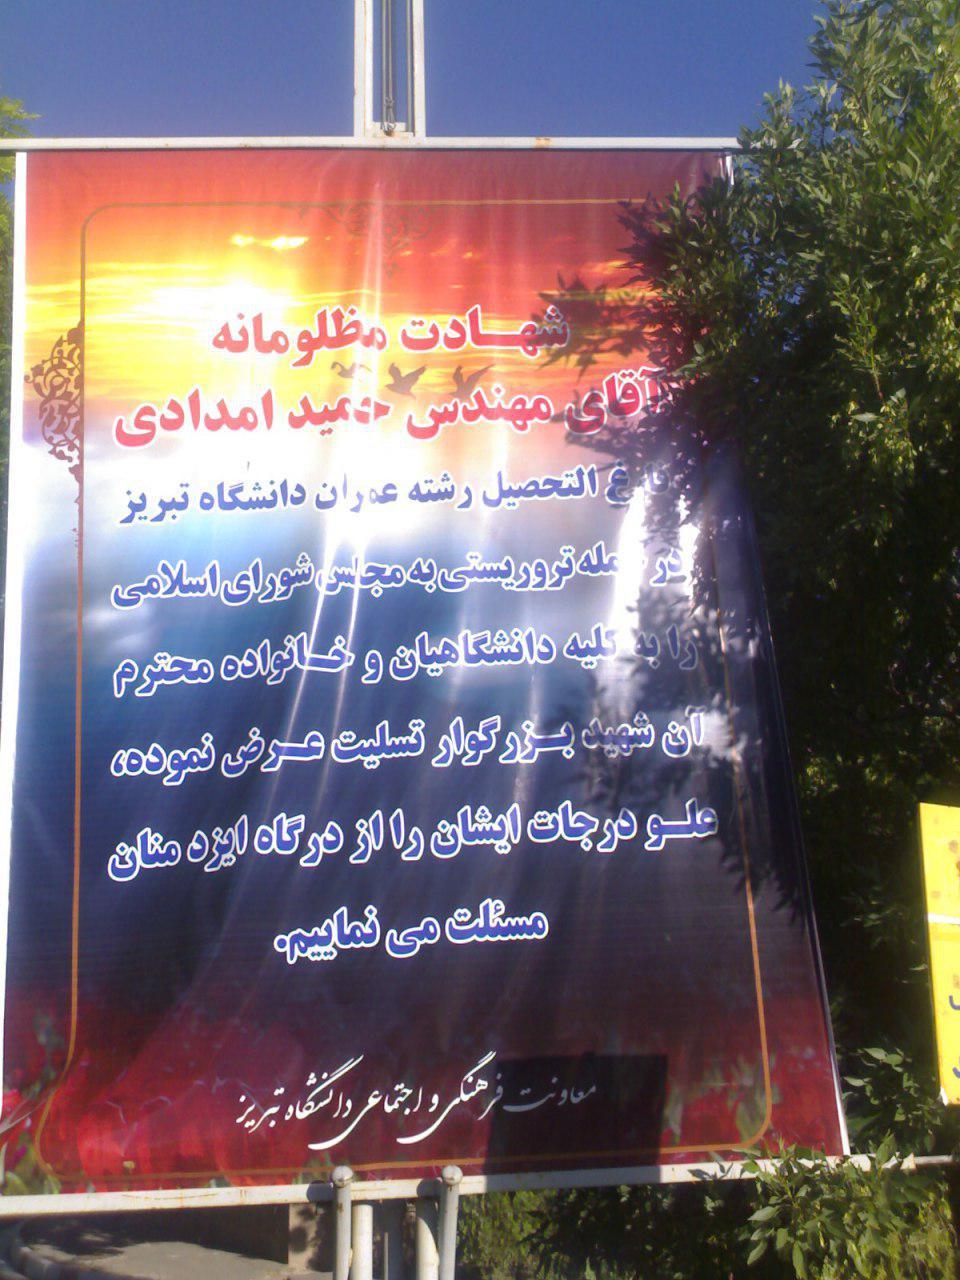 تسلیت دانشگاه تبریز به خانواده شهید امدادی میاب